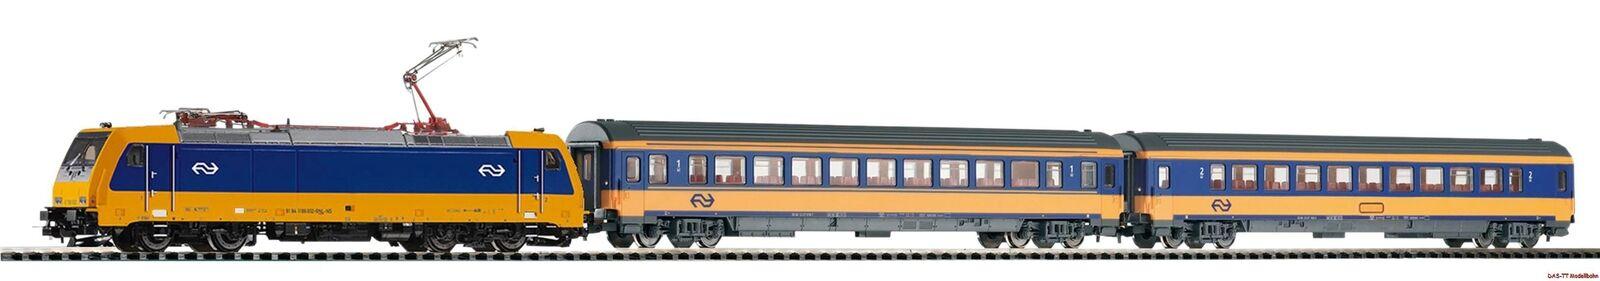 H0 Ljus för Smkonstkontrollera Set NS Personenzug BR185 Intercity 2Wagen Ep.VI Piko 59005